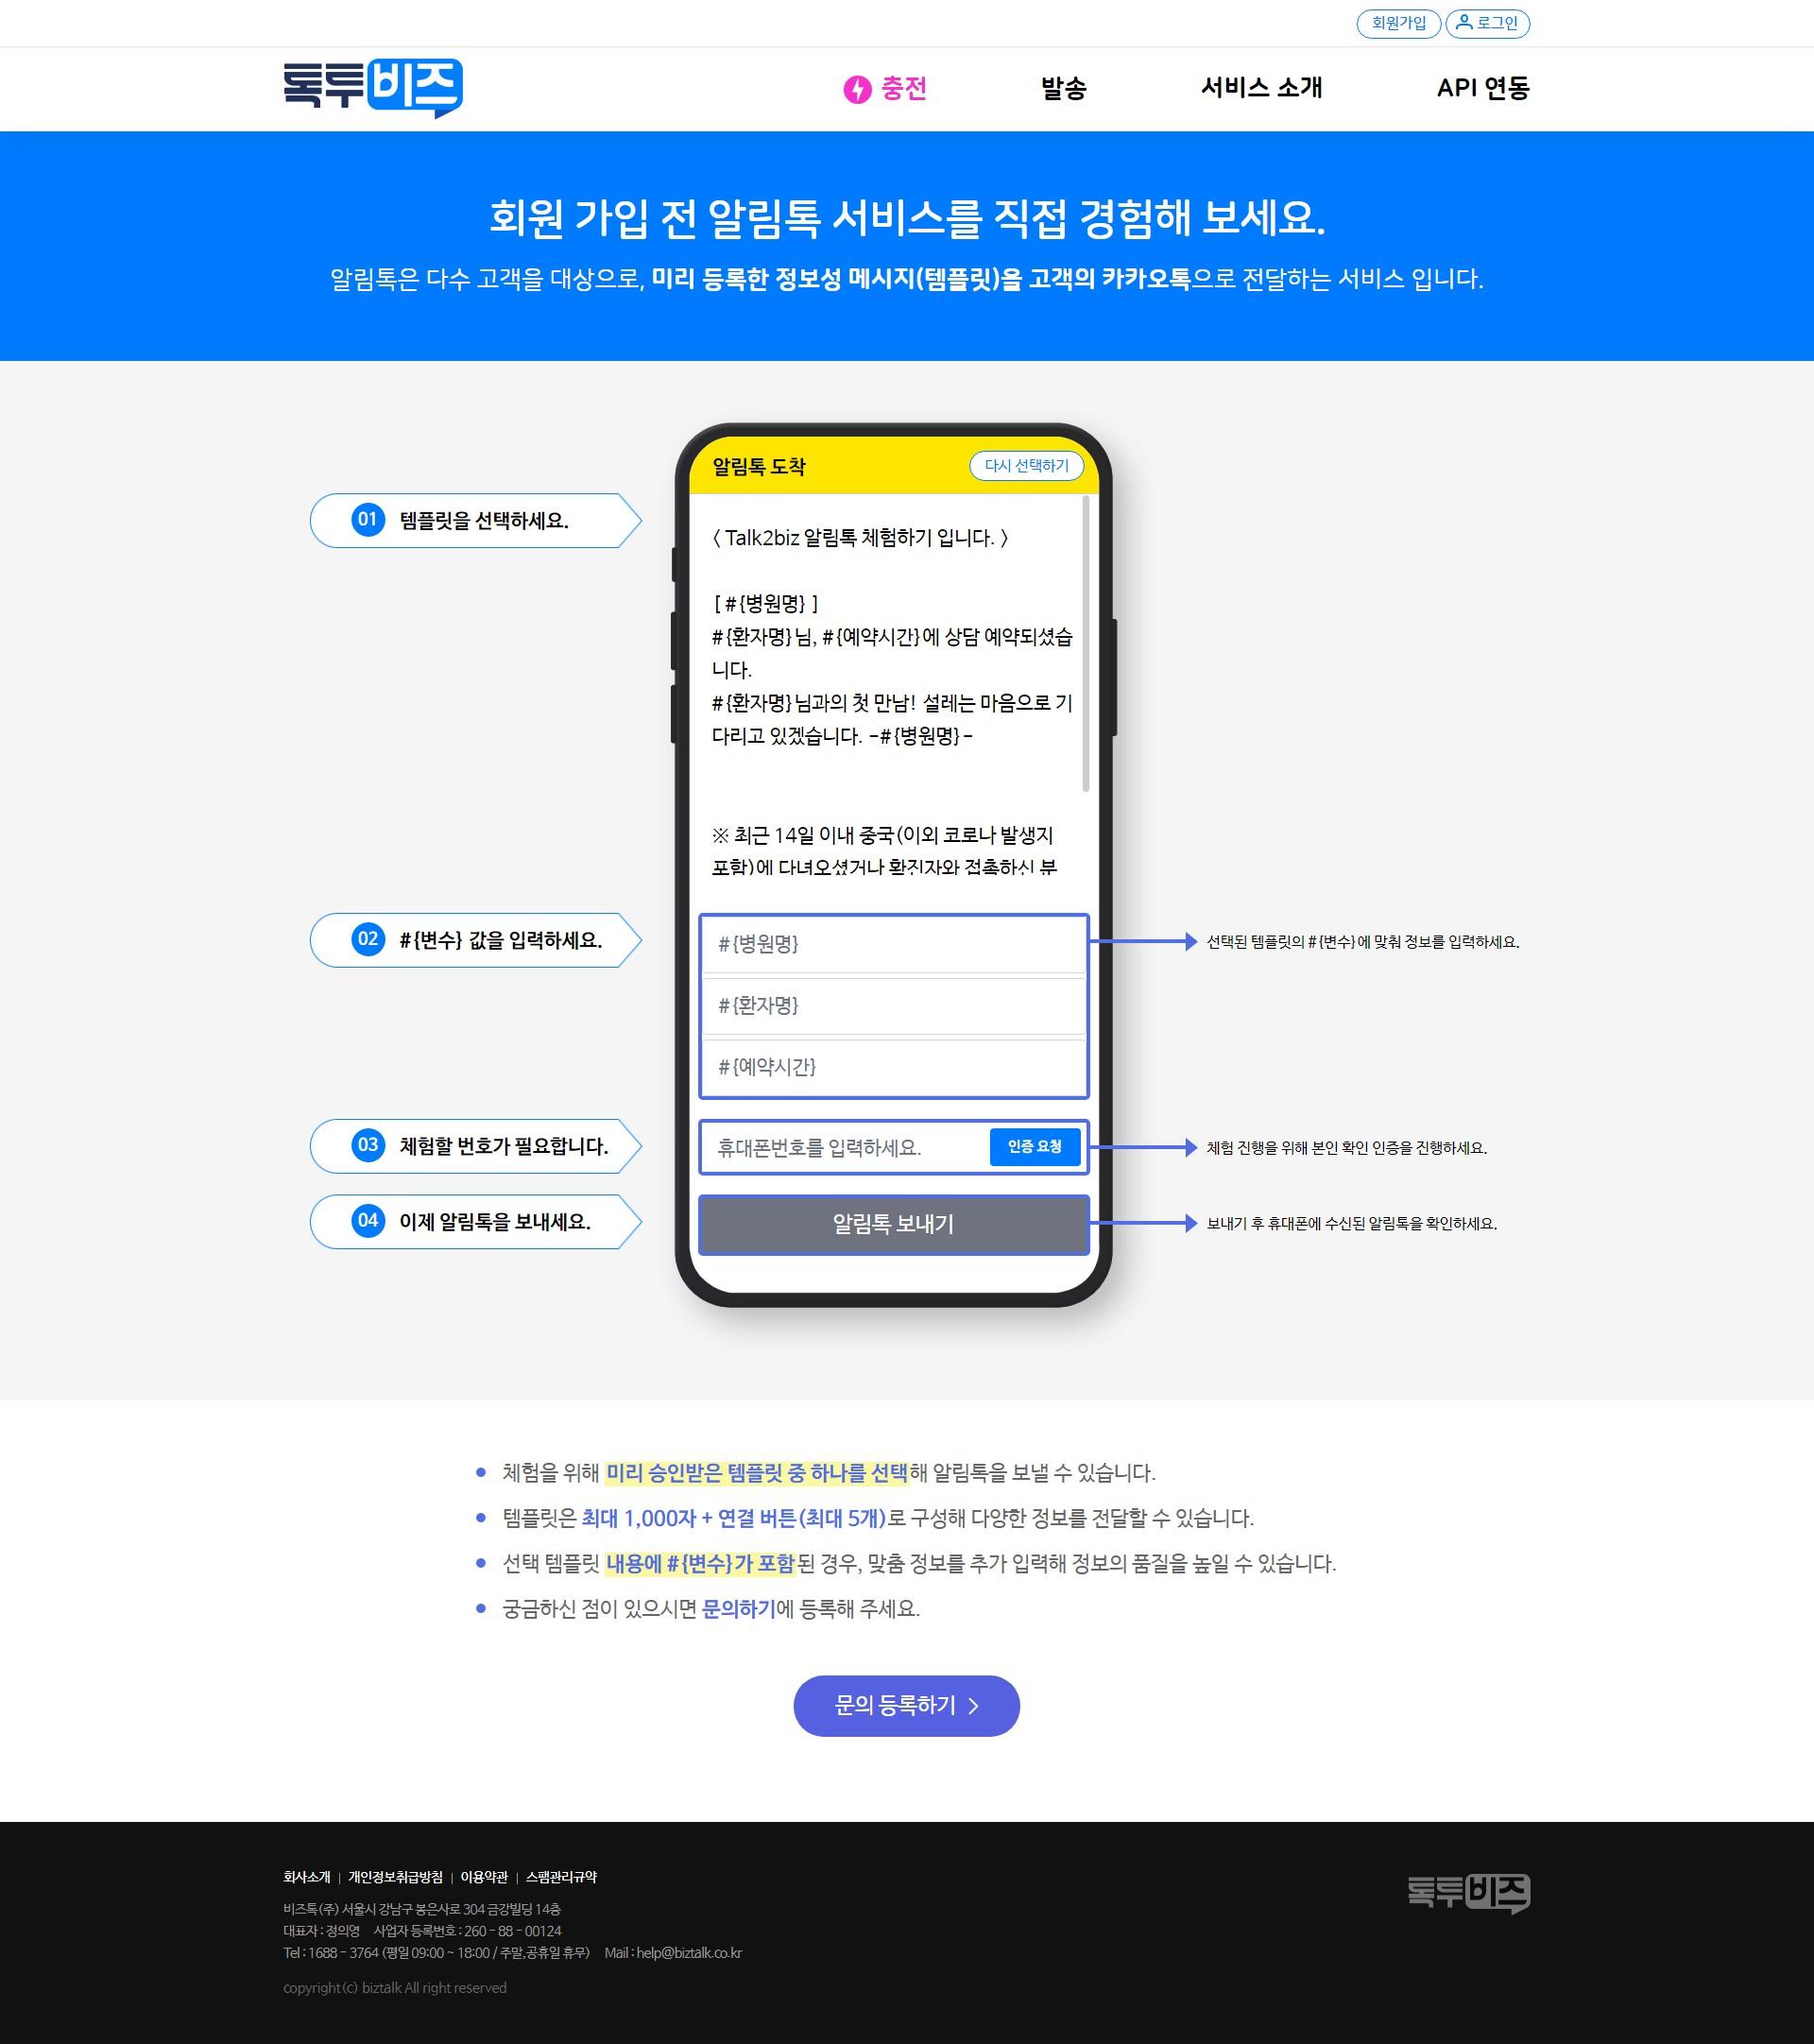 카카오톡 공식 딜러사 톡투비즈 퍼블리싱